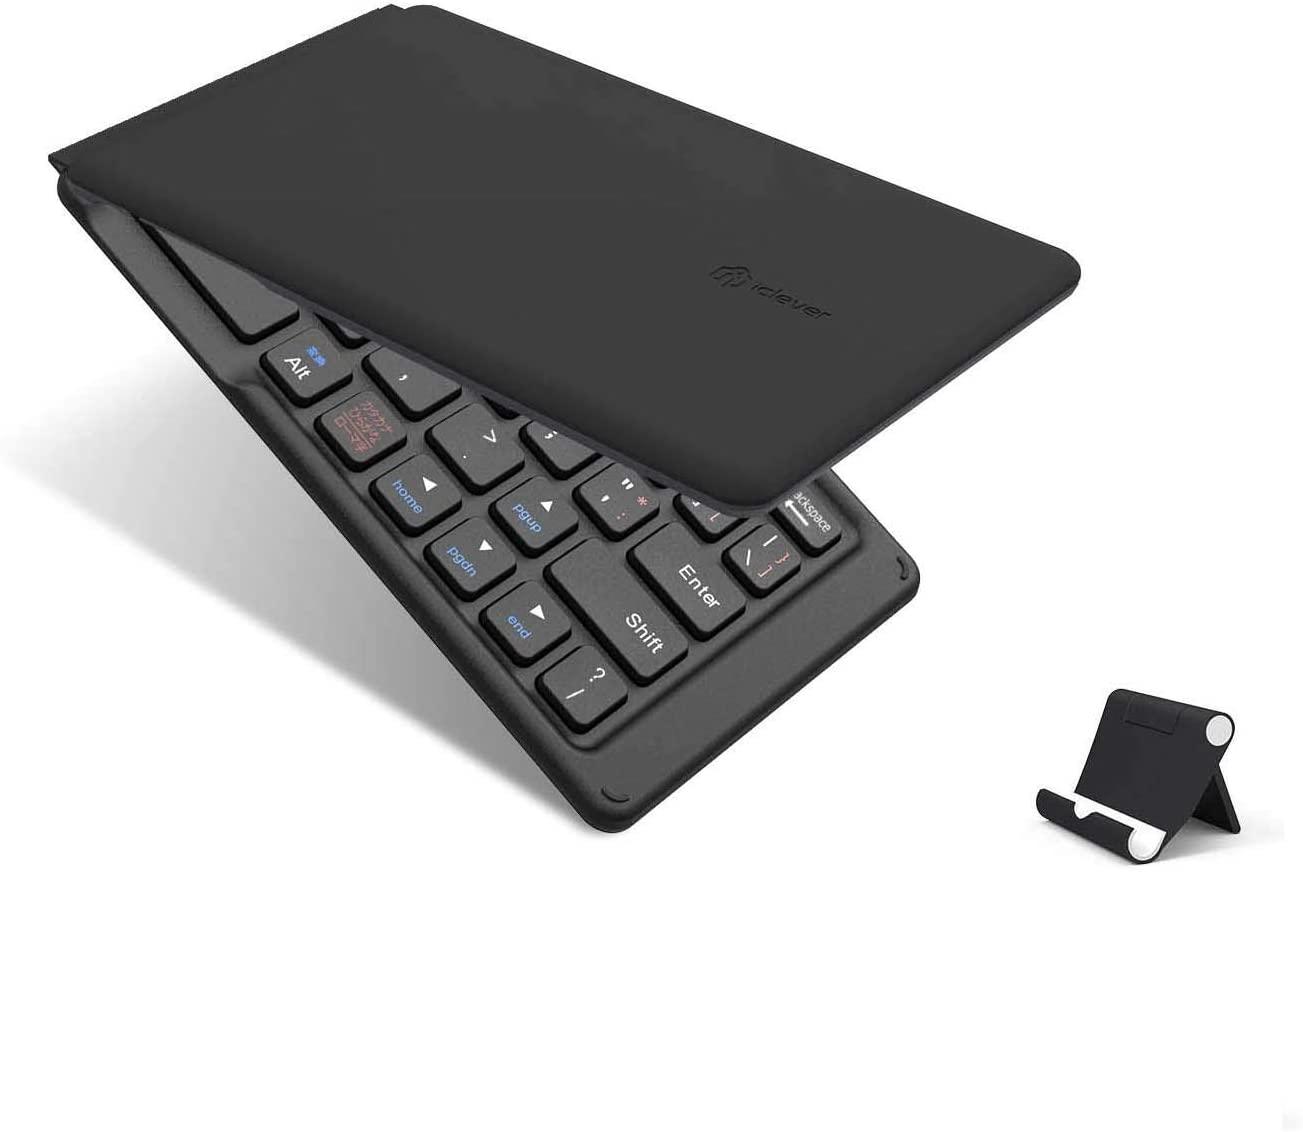 アマゾンで折りたたみキーボード界では有名なiCleverの割引クーポンを配信中。